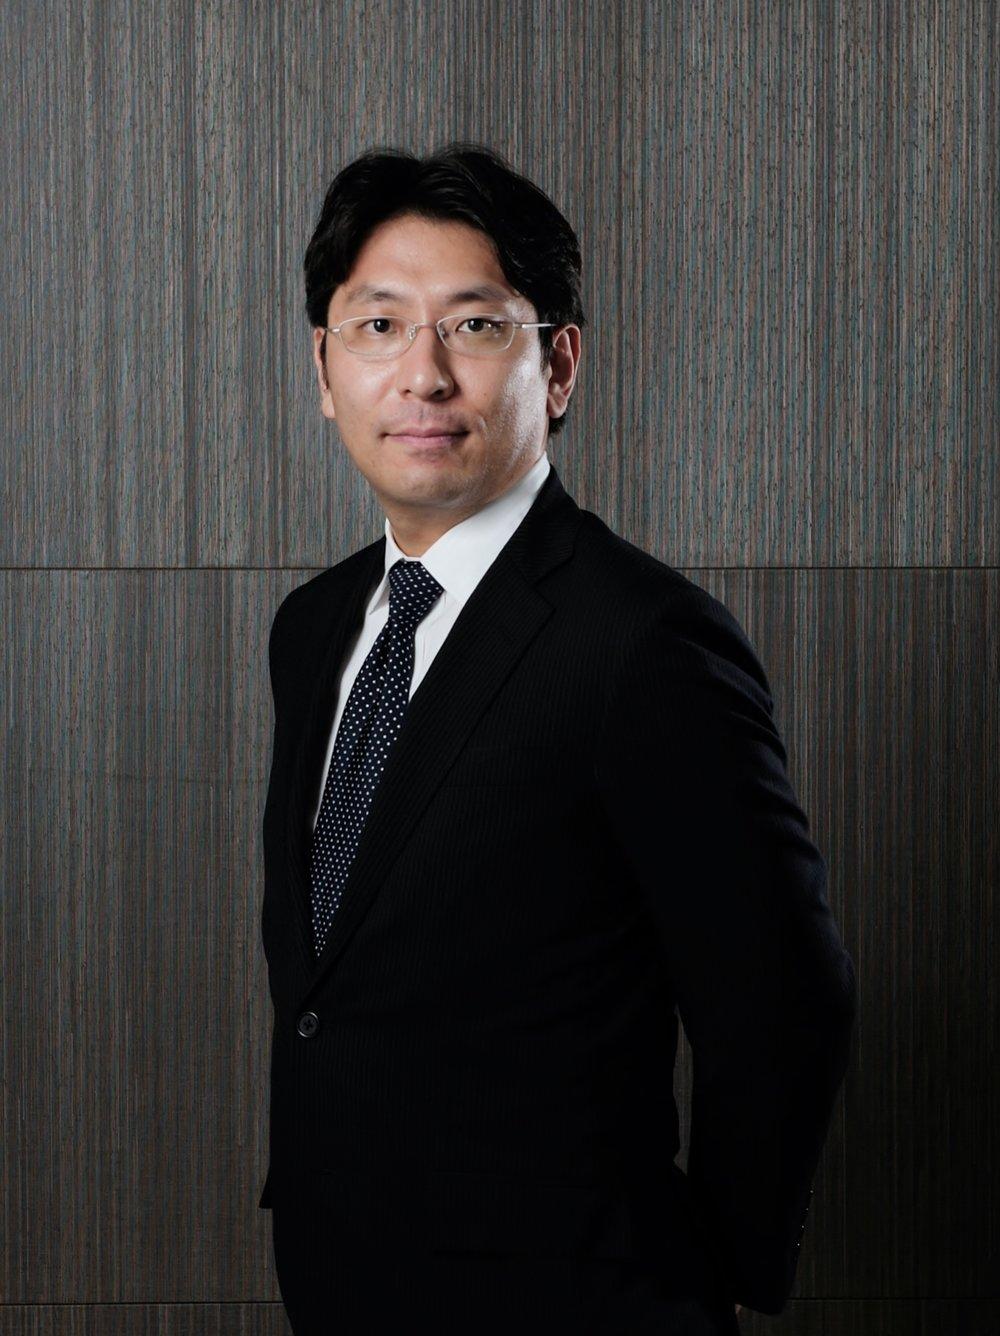 沖田 貴史 / Takashi OKITA  SBIリップル・アジア代表取締役 / SBI Ripple Asia (CEO)